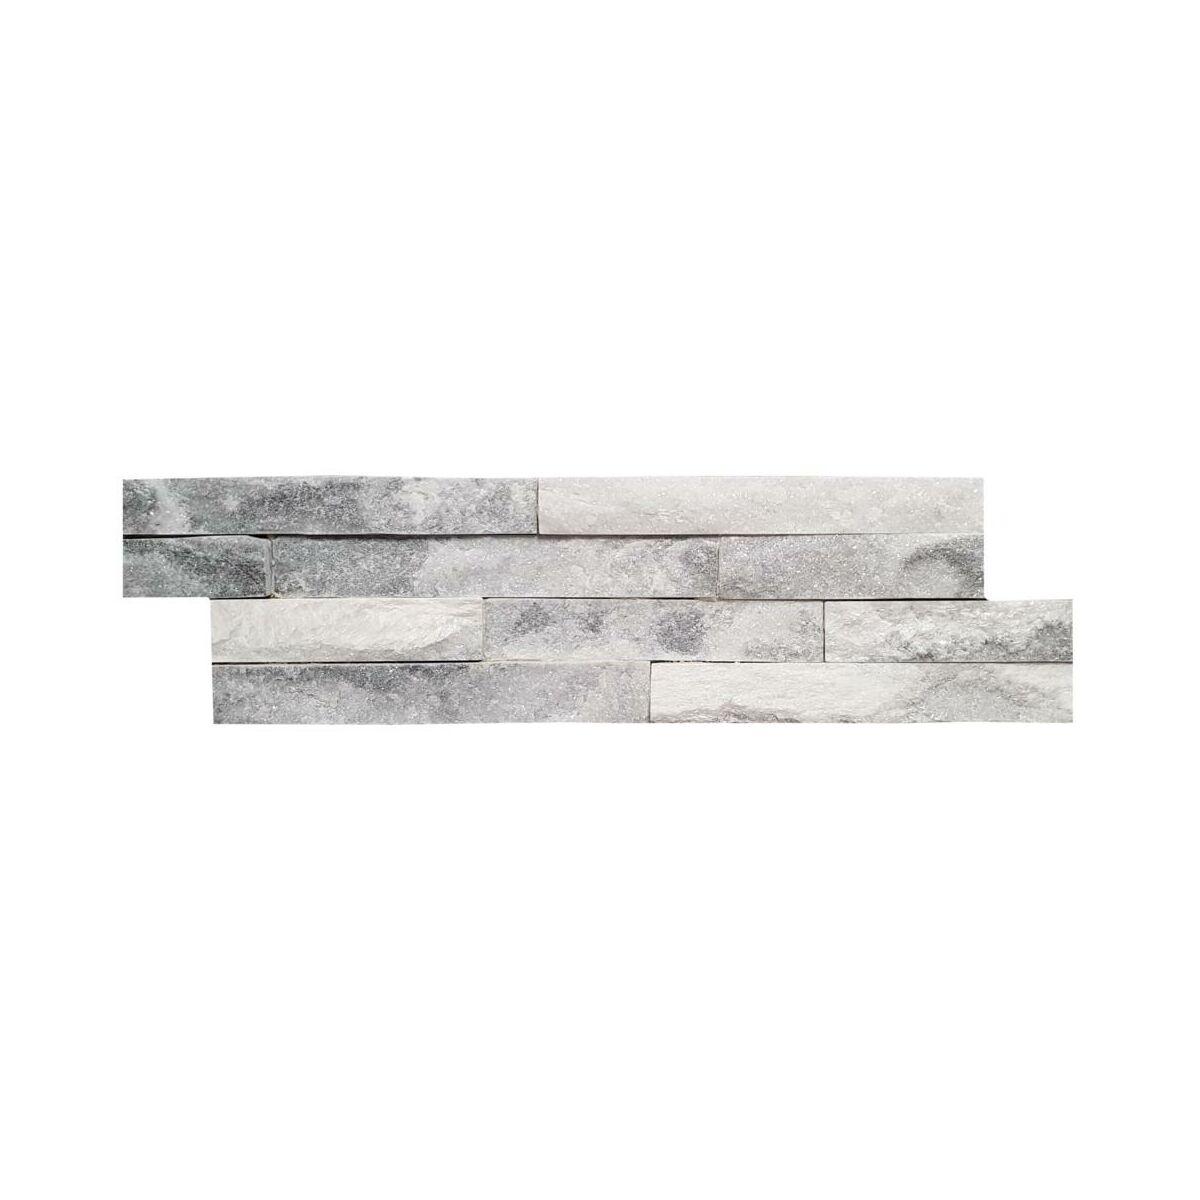 Kamien Naturalny Kwarc Bialo Szary 40 X 10 Cm Kamien Elewacyjny I Dekoracyjny W Atrakcyjnej Cenie W Sklepach Leroy Merlin